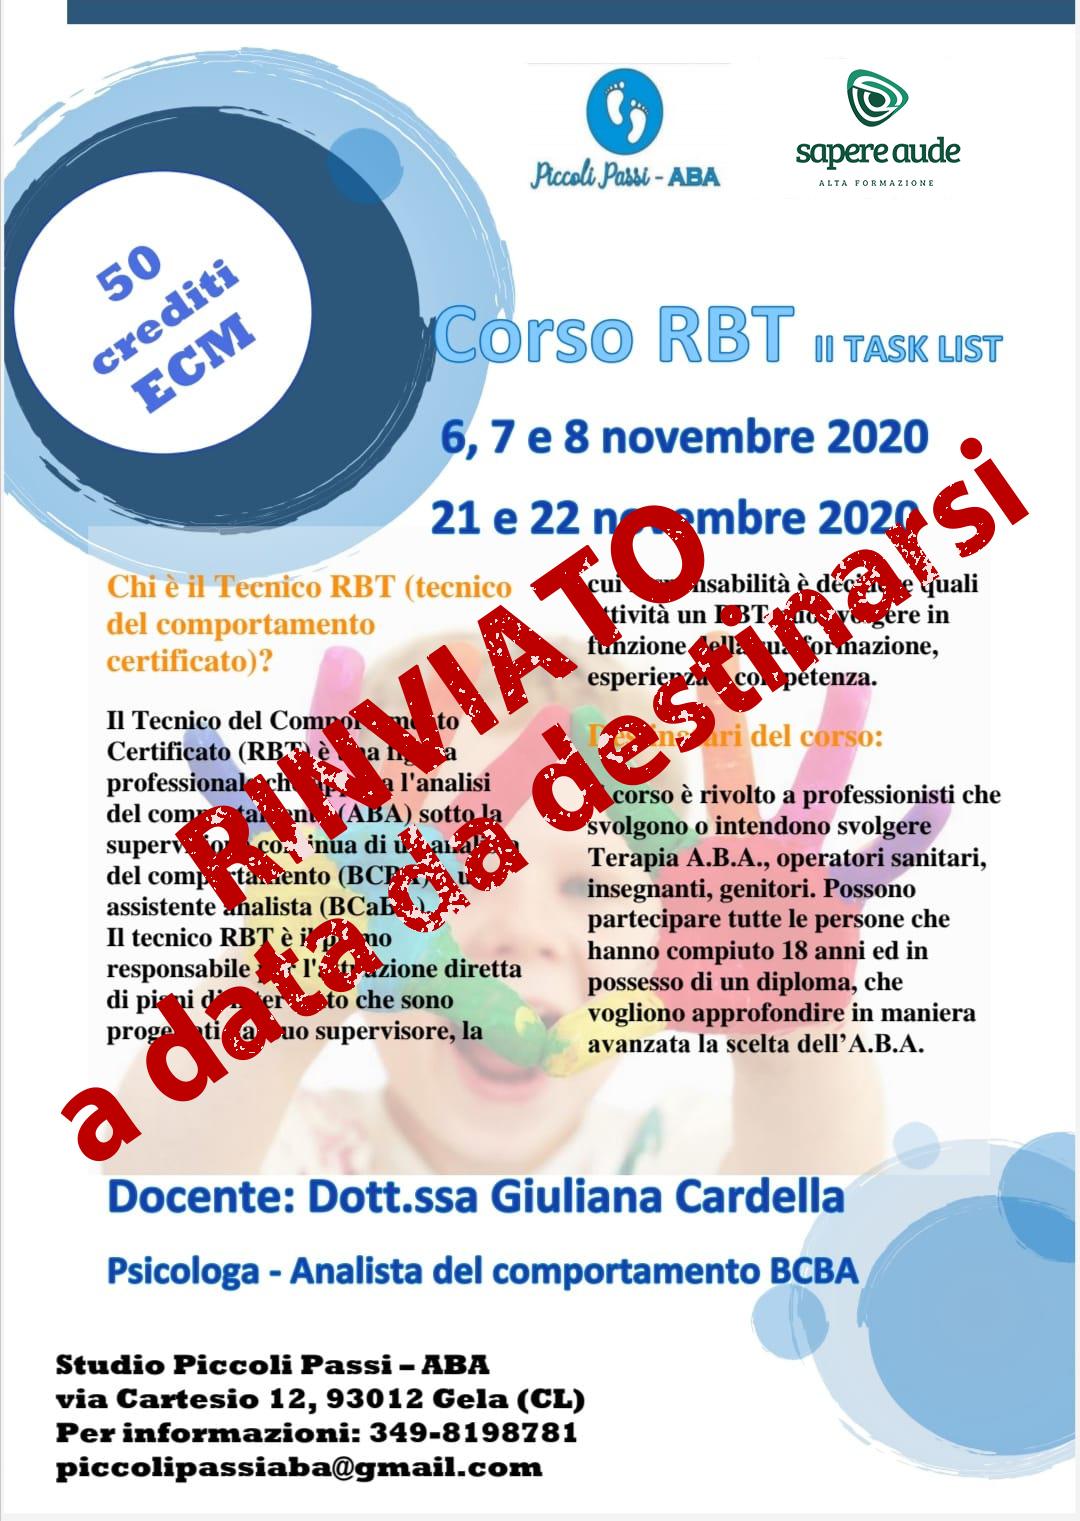 Corso RBT